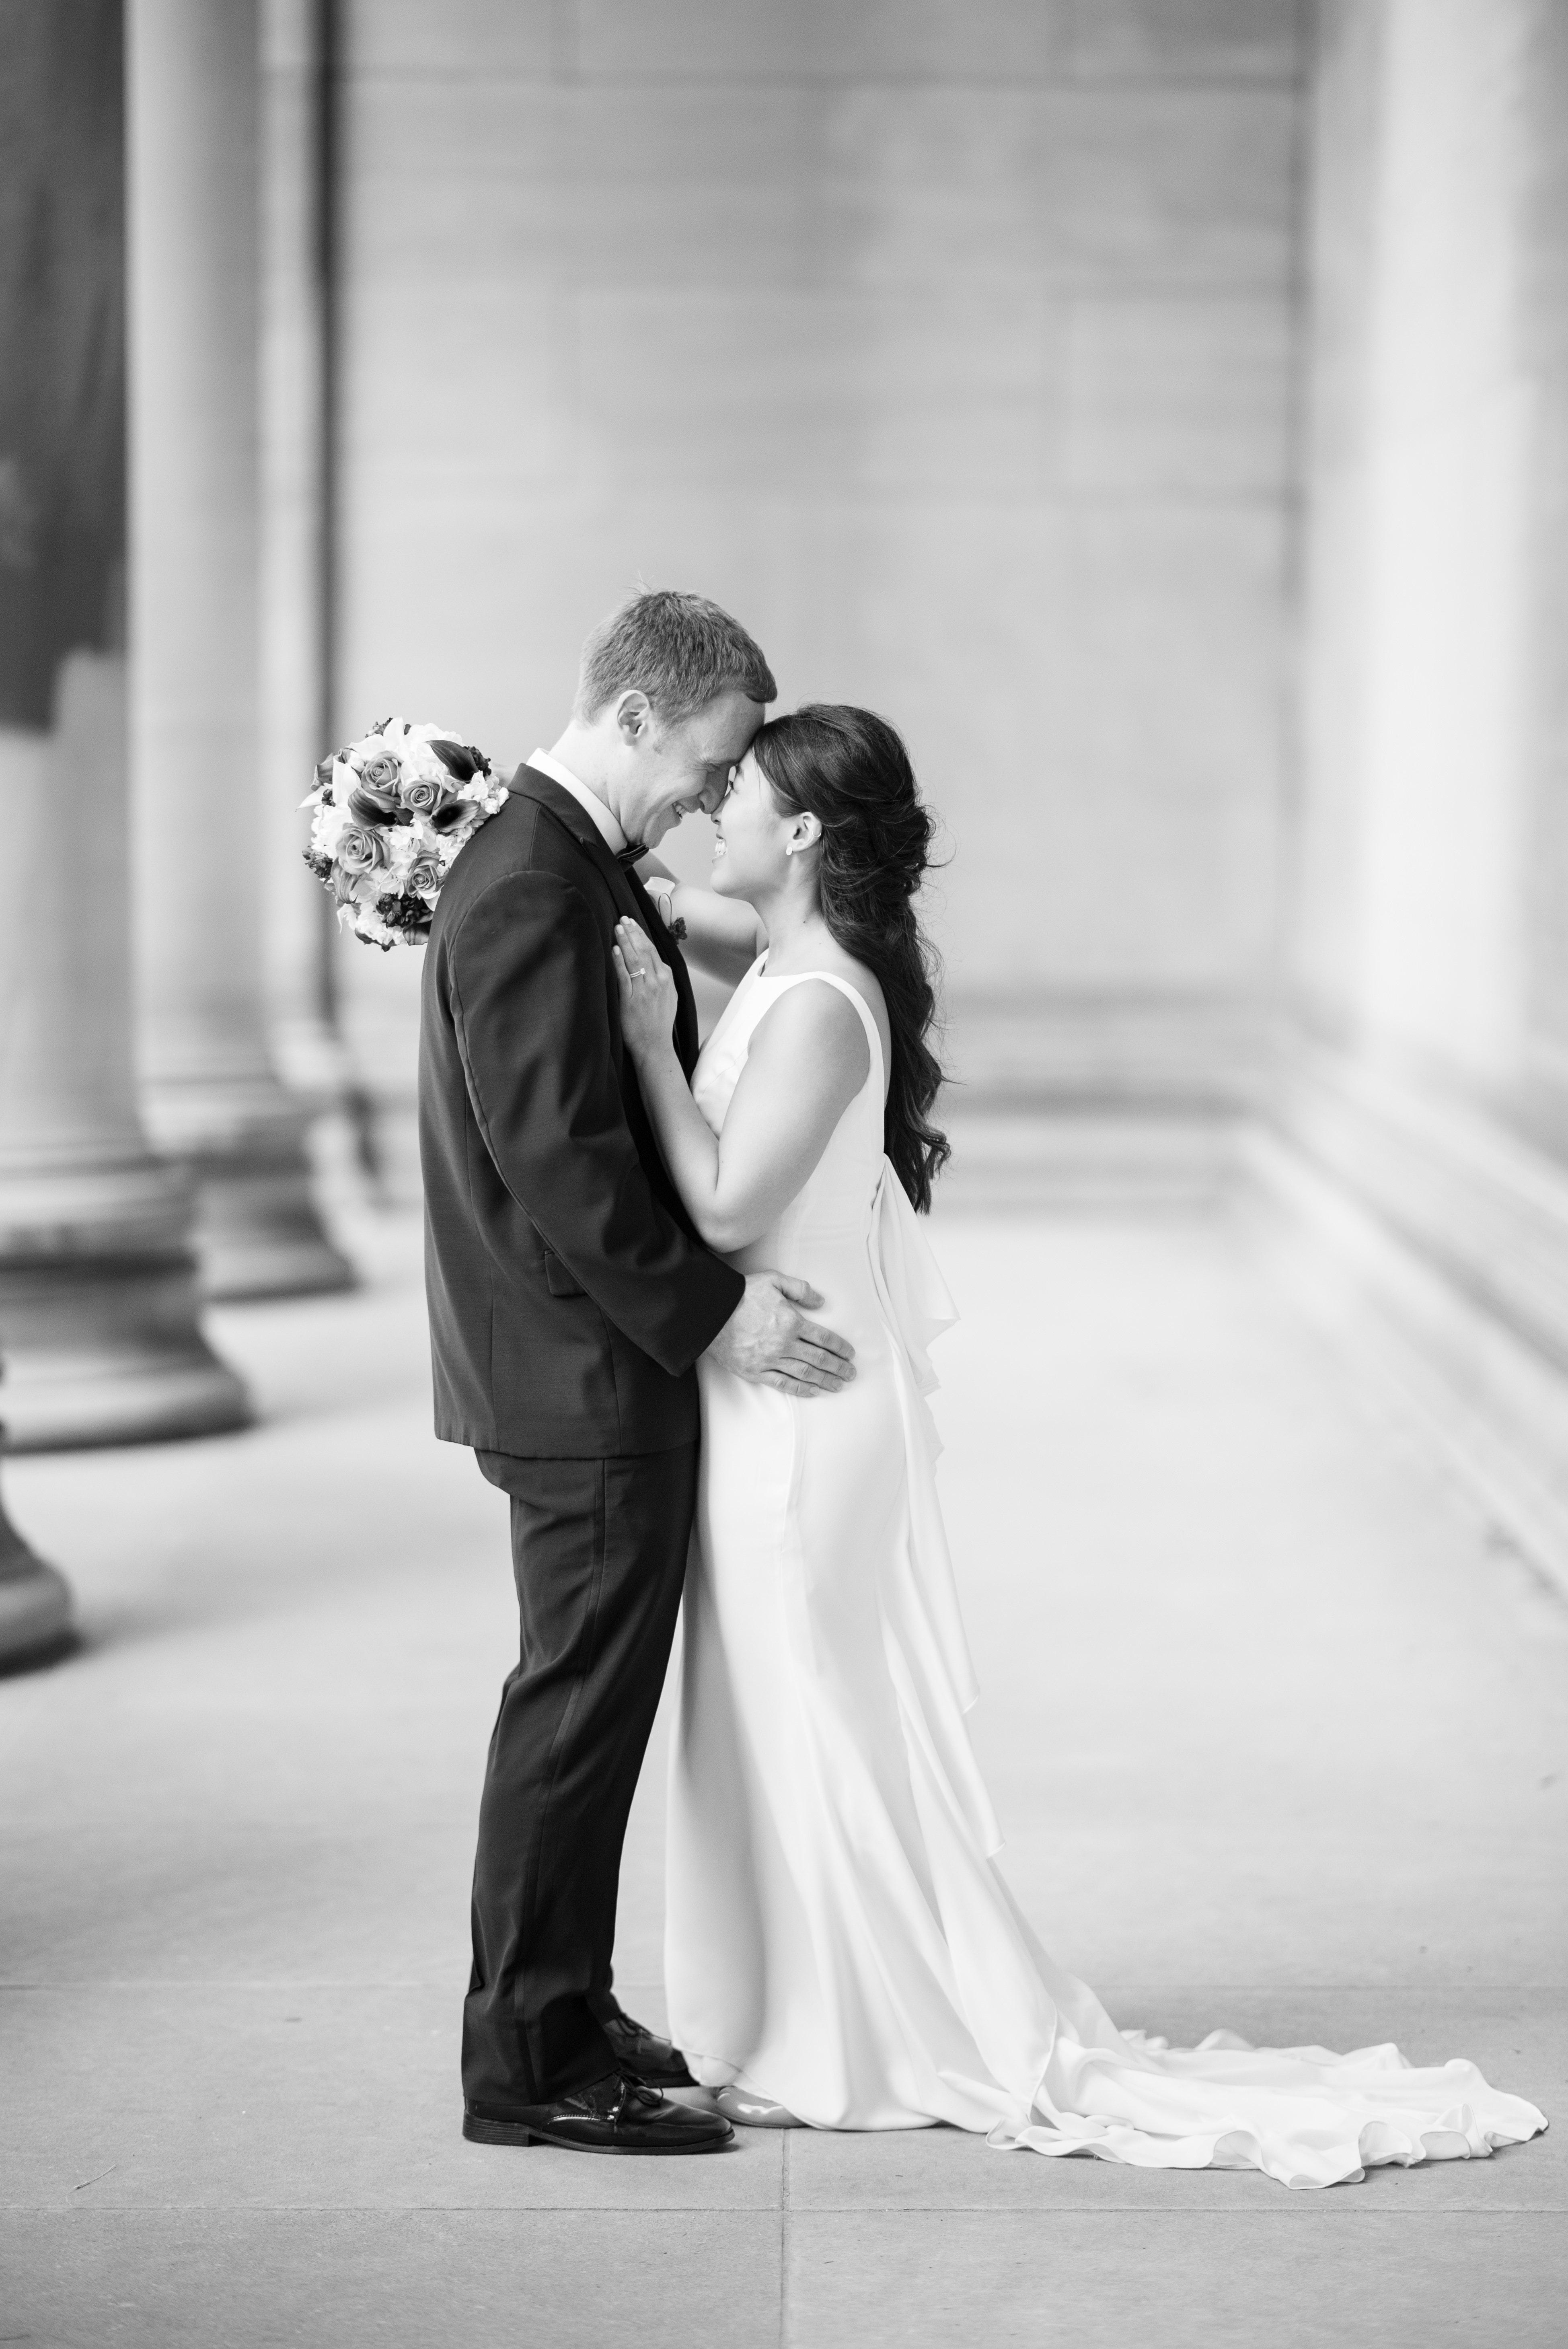 Matrimonio In Bianco E Nero : Immagini belle toga vestito da sposa bianco e nero